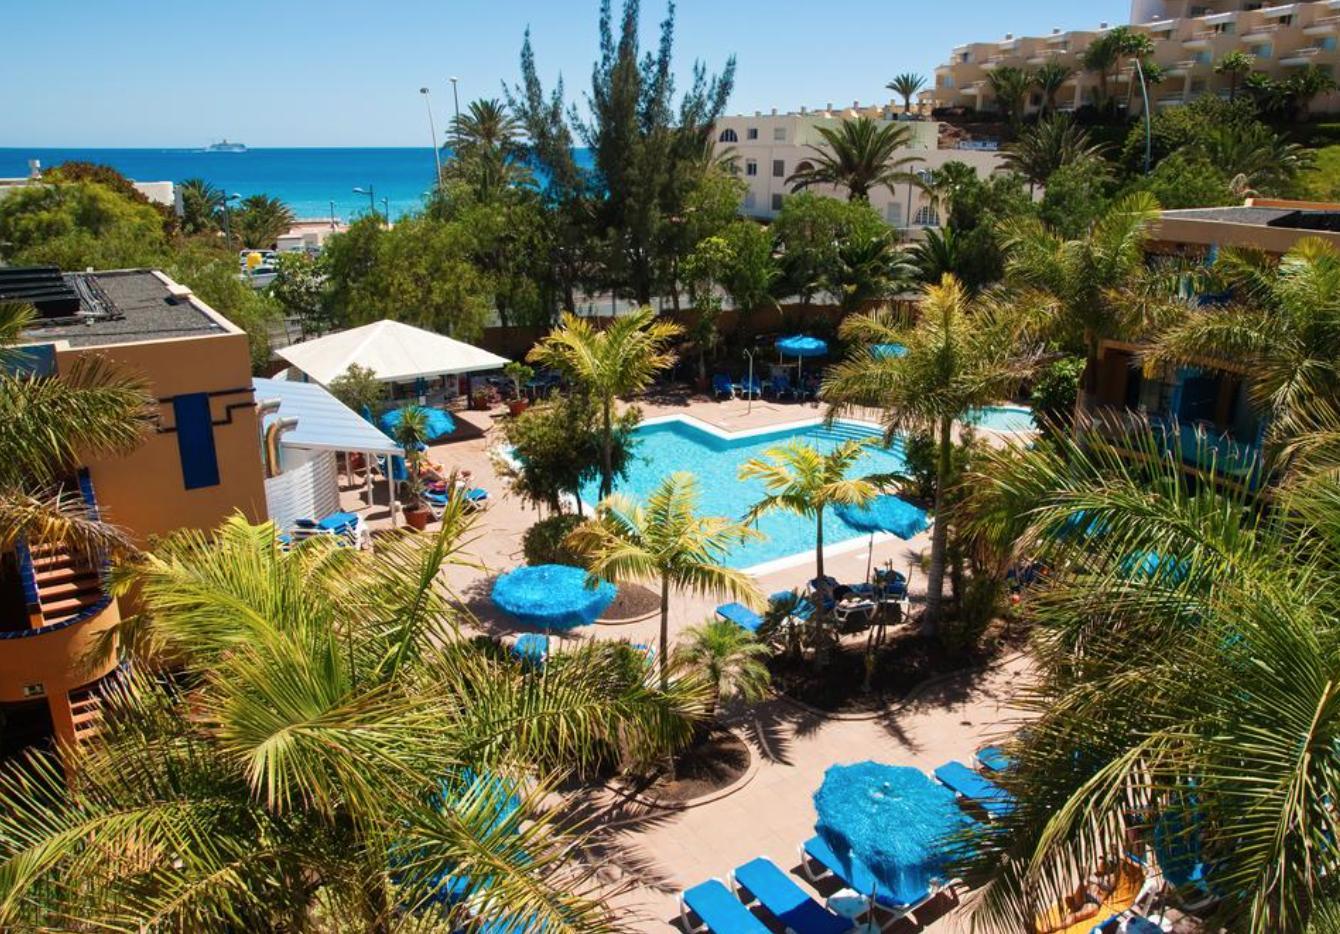 SEPT Fuerteventura Todo Incluido 368€/p= 7 noches en apartahotel + vuelos desde BCN